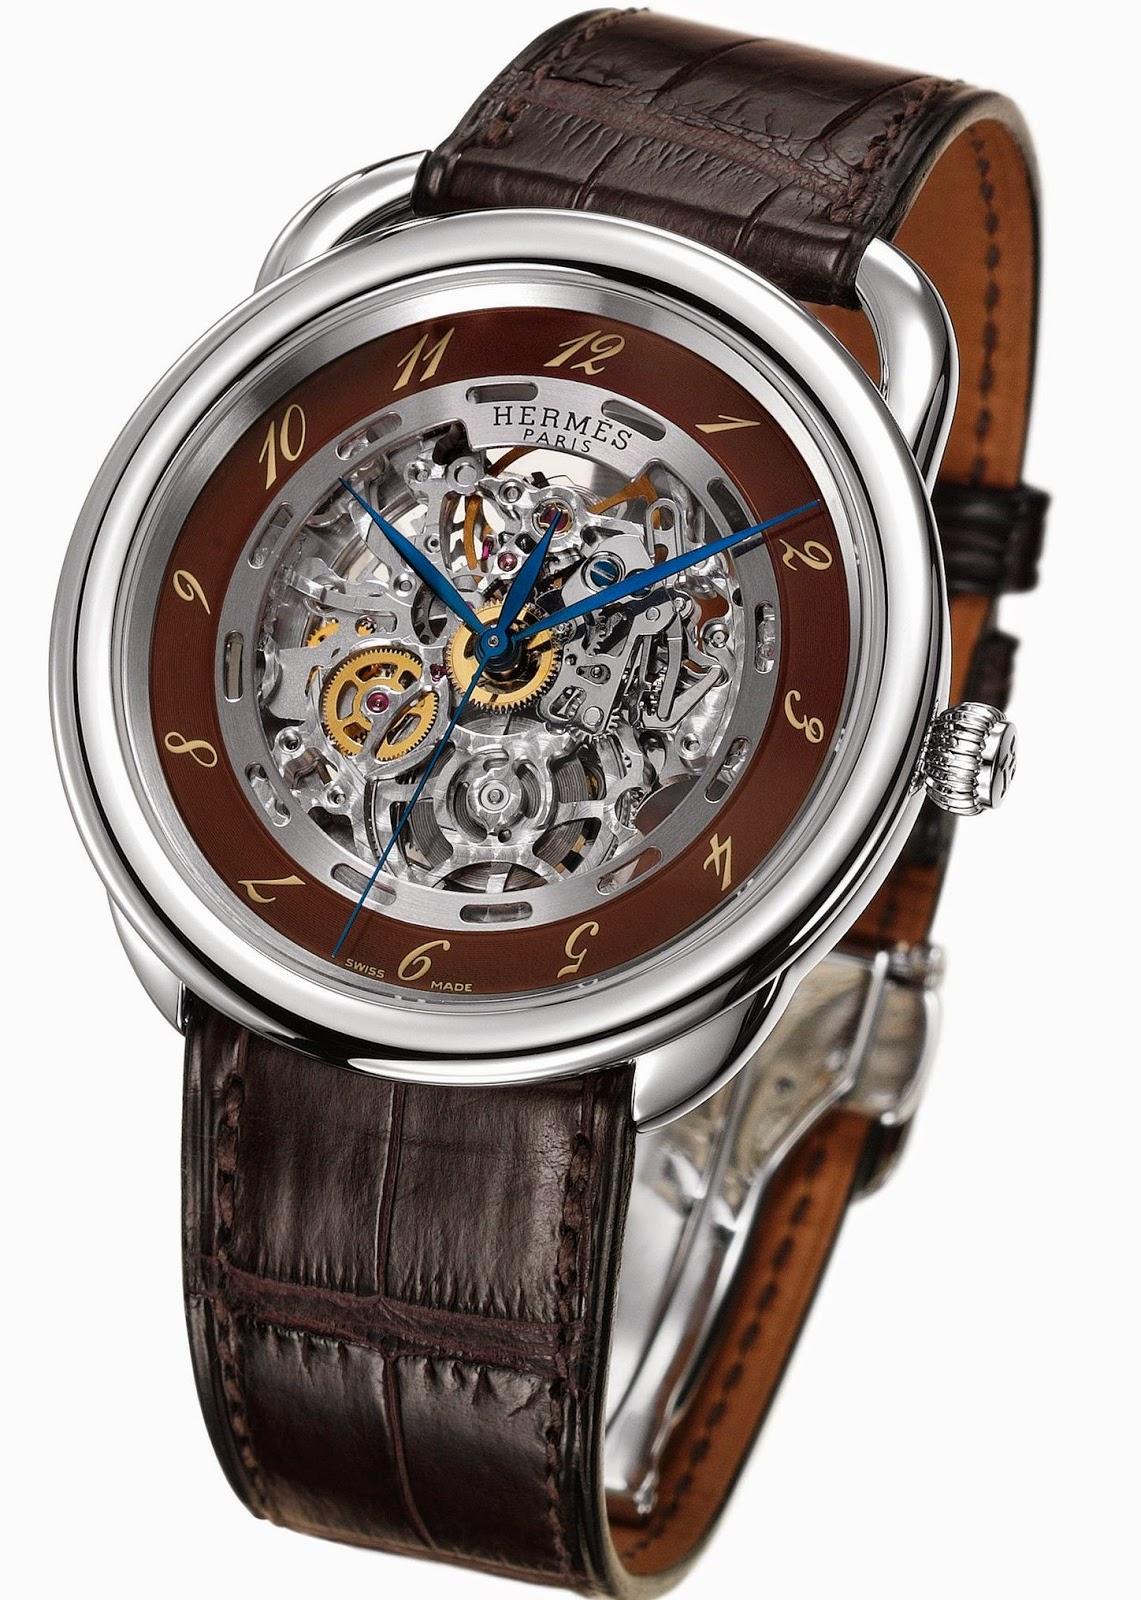 Hermès Arceau mechanical Skeleton watch stainless steel version